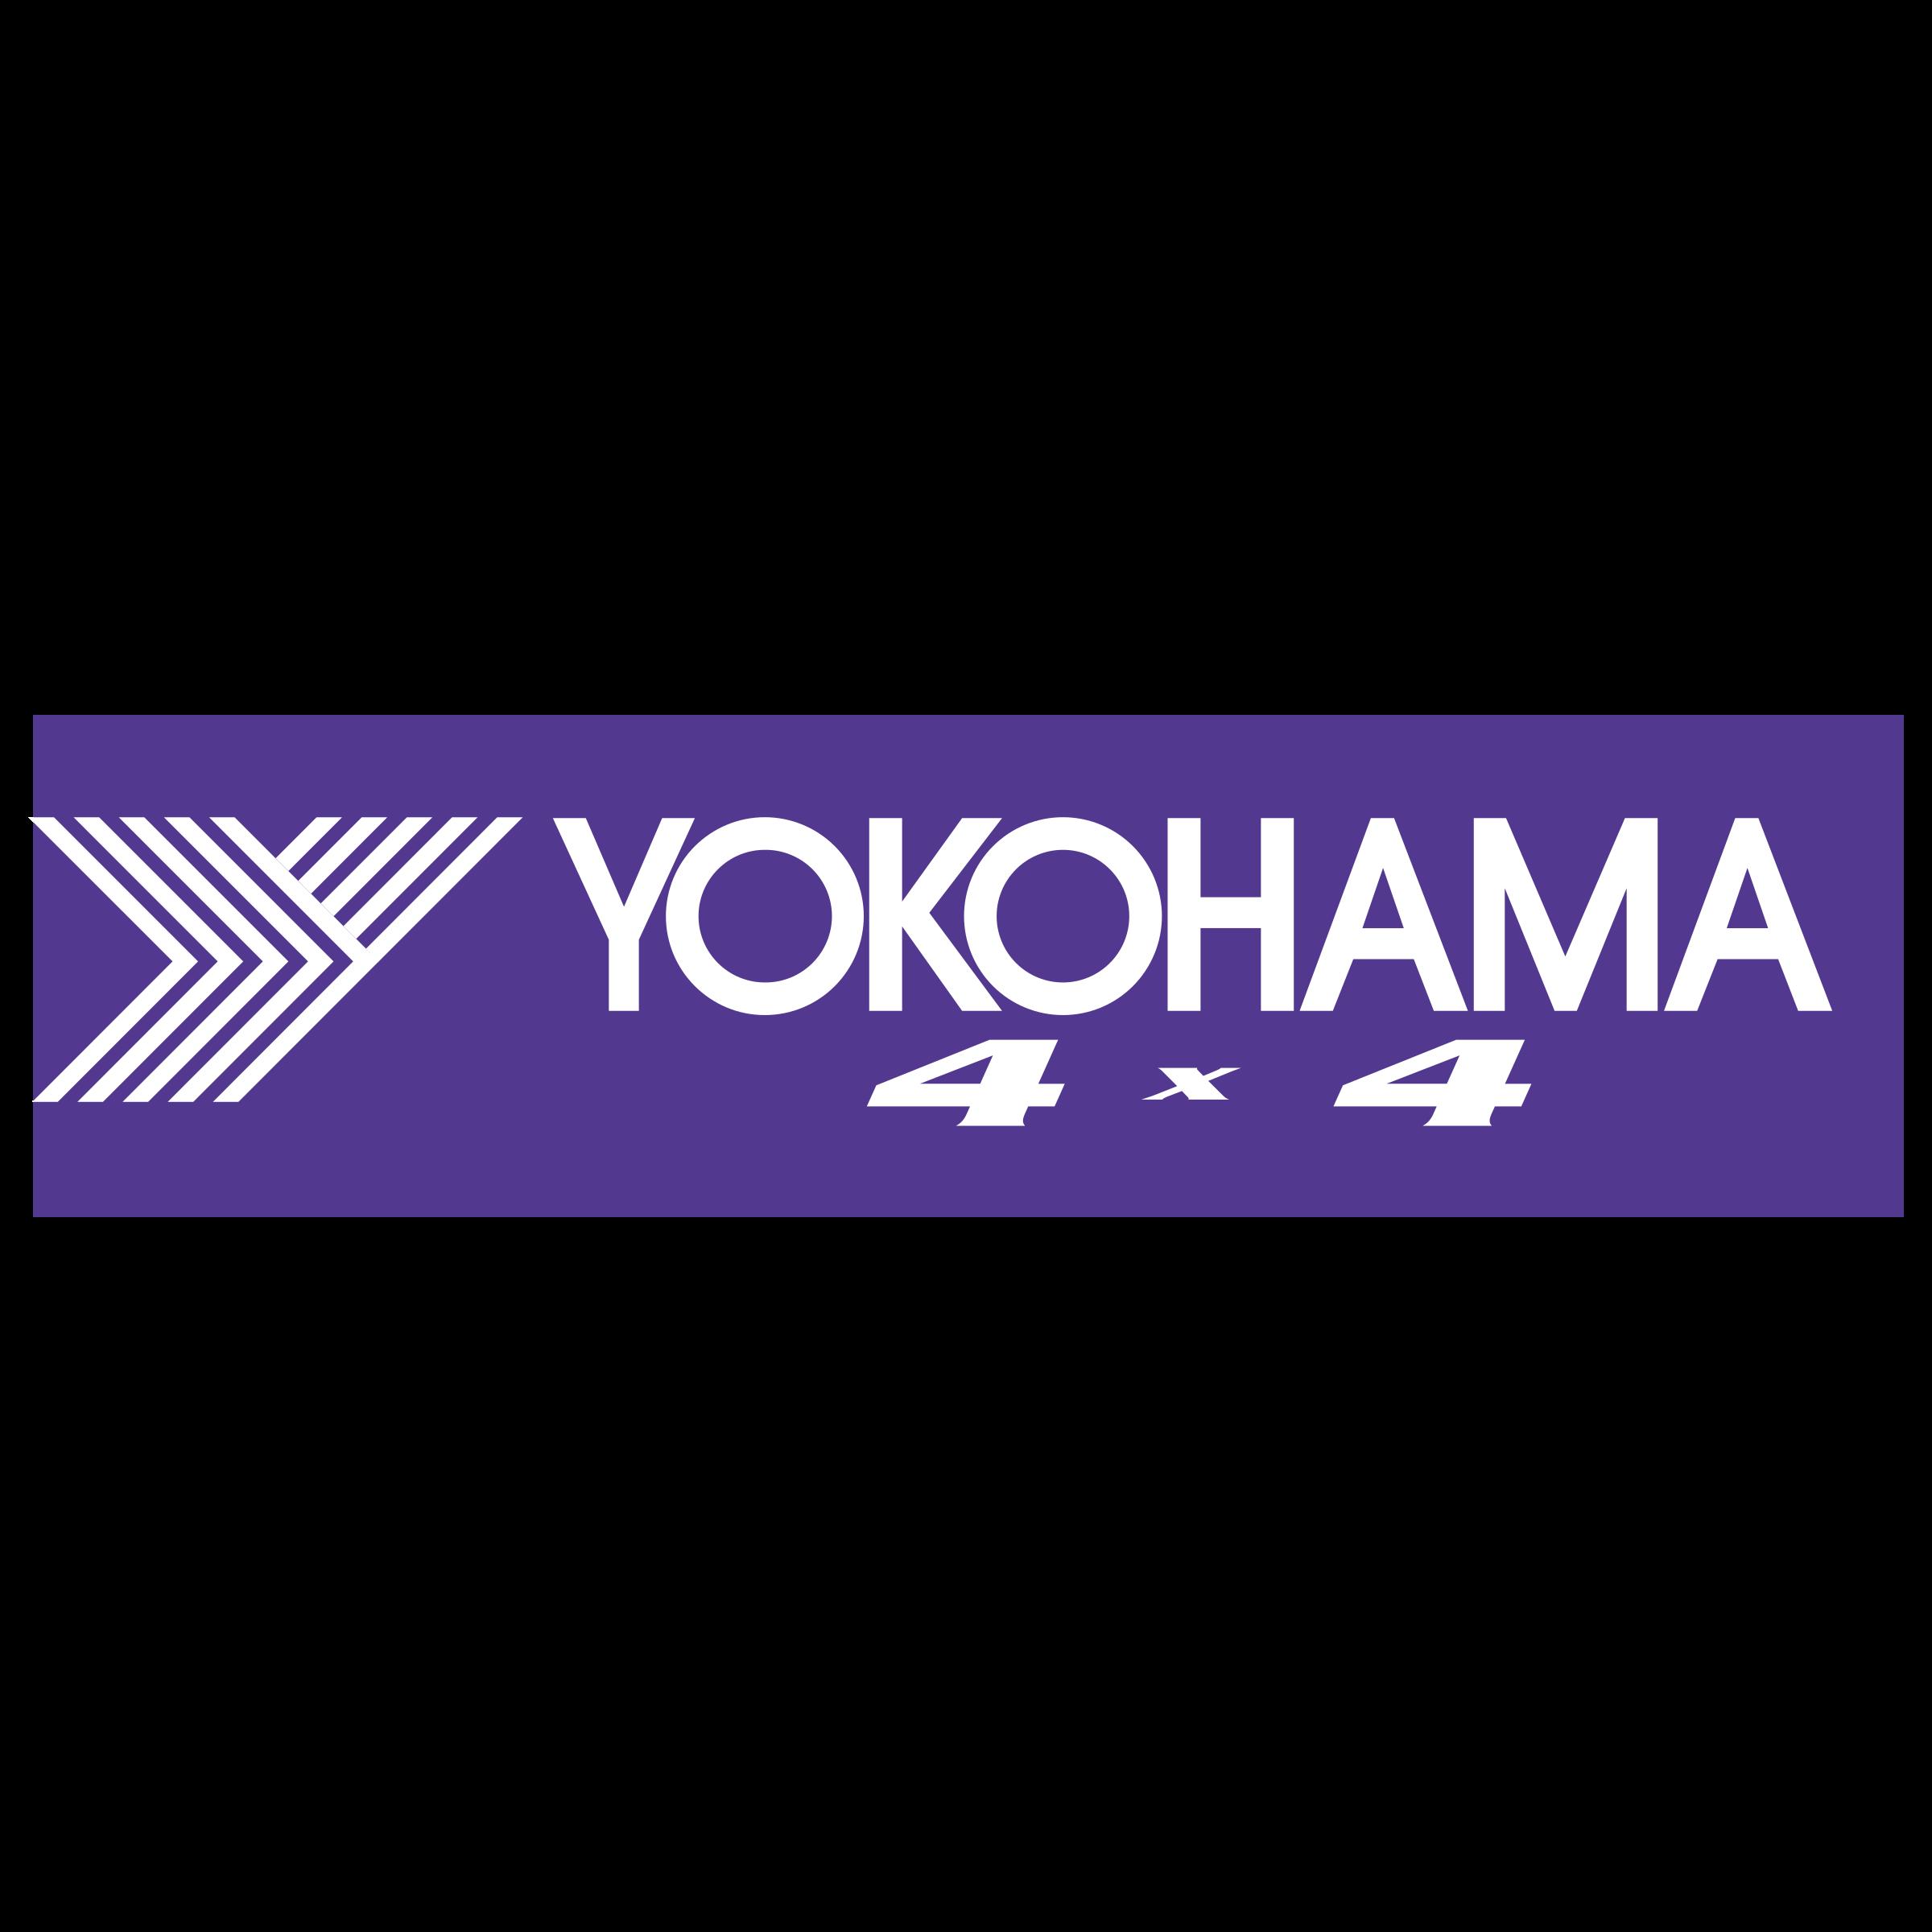 Yokohama Logo PNG Transparent & SVG Vector.